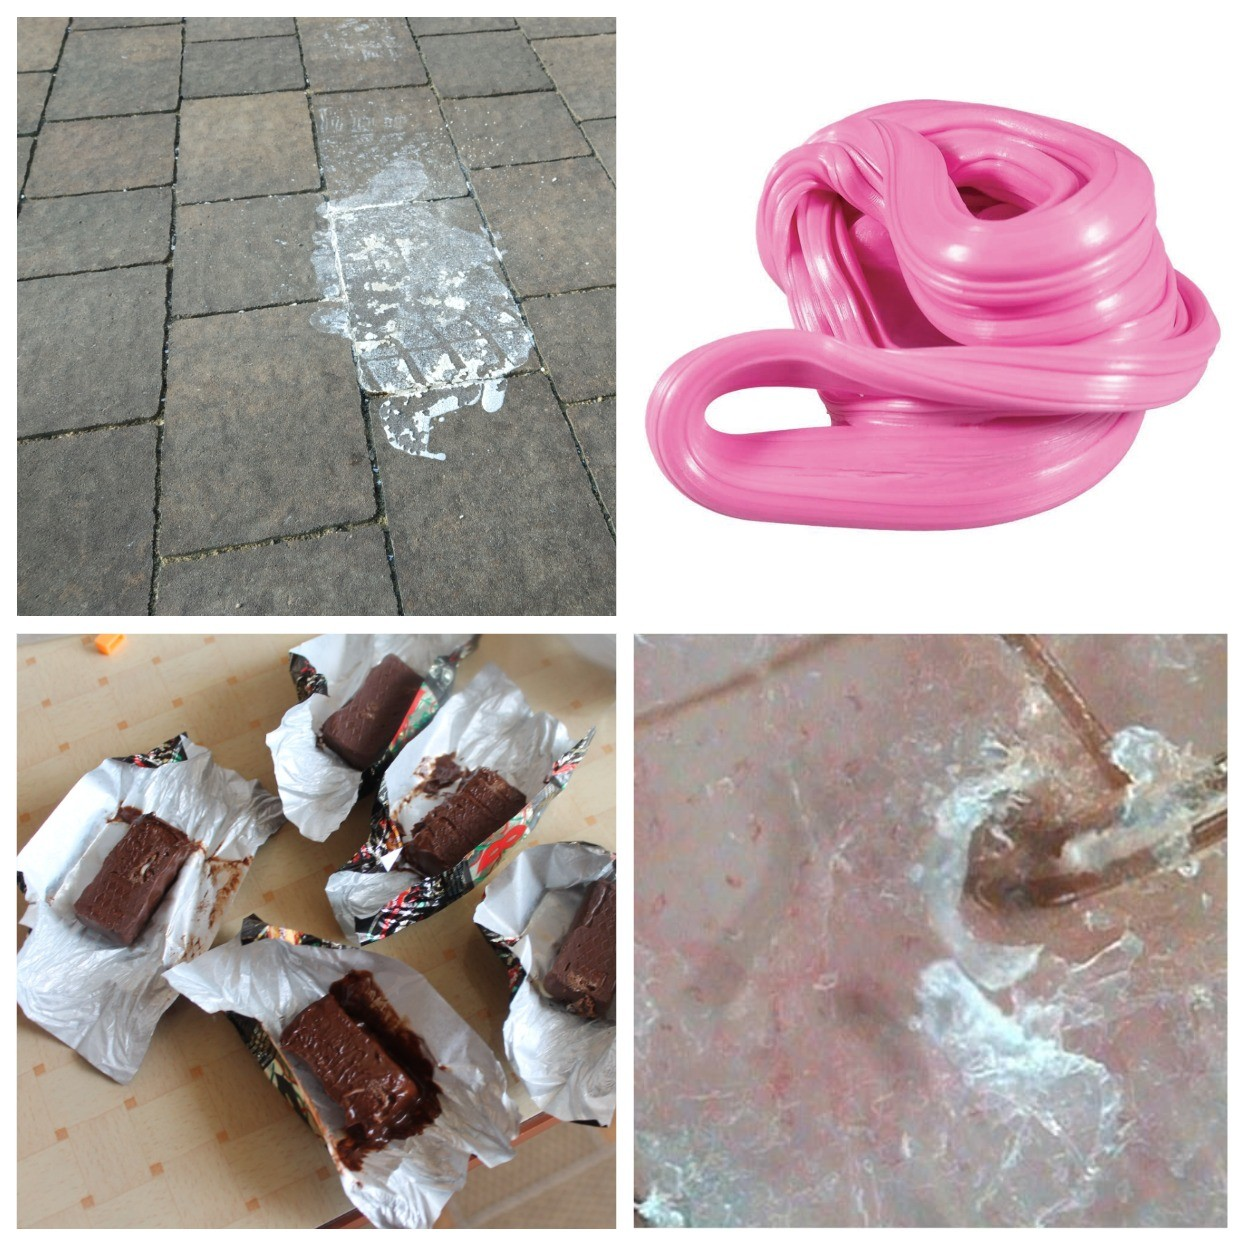 изображение липких продуктов на тротуарной плитке